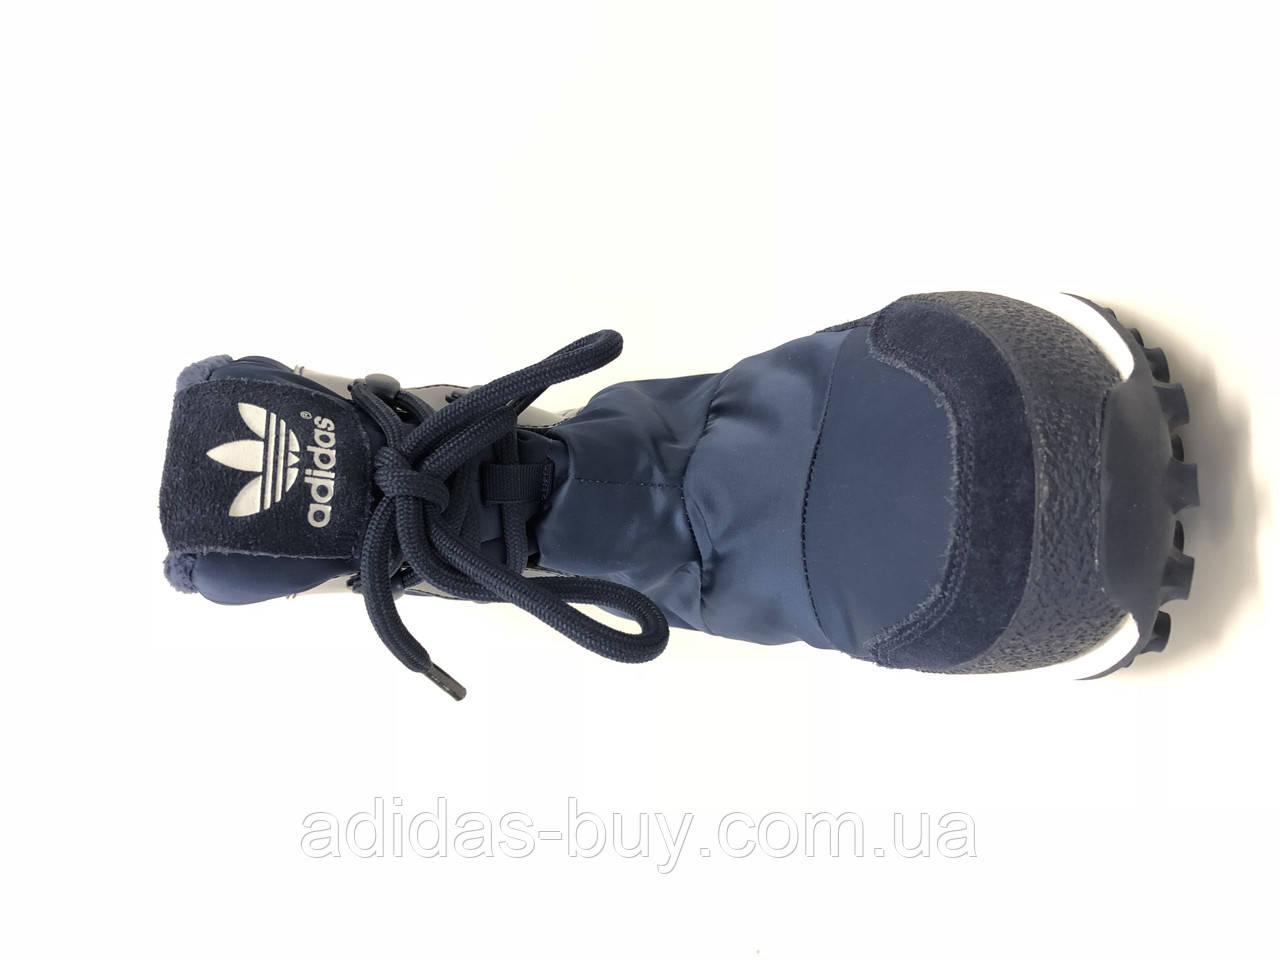 b218e7dd4 Женские оригинальные зимние сапоги adidas Snowrush S81384 цвет - синий 2 ...